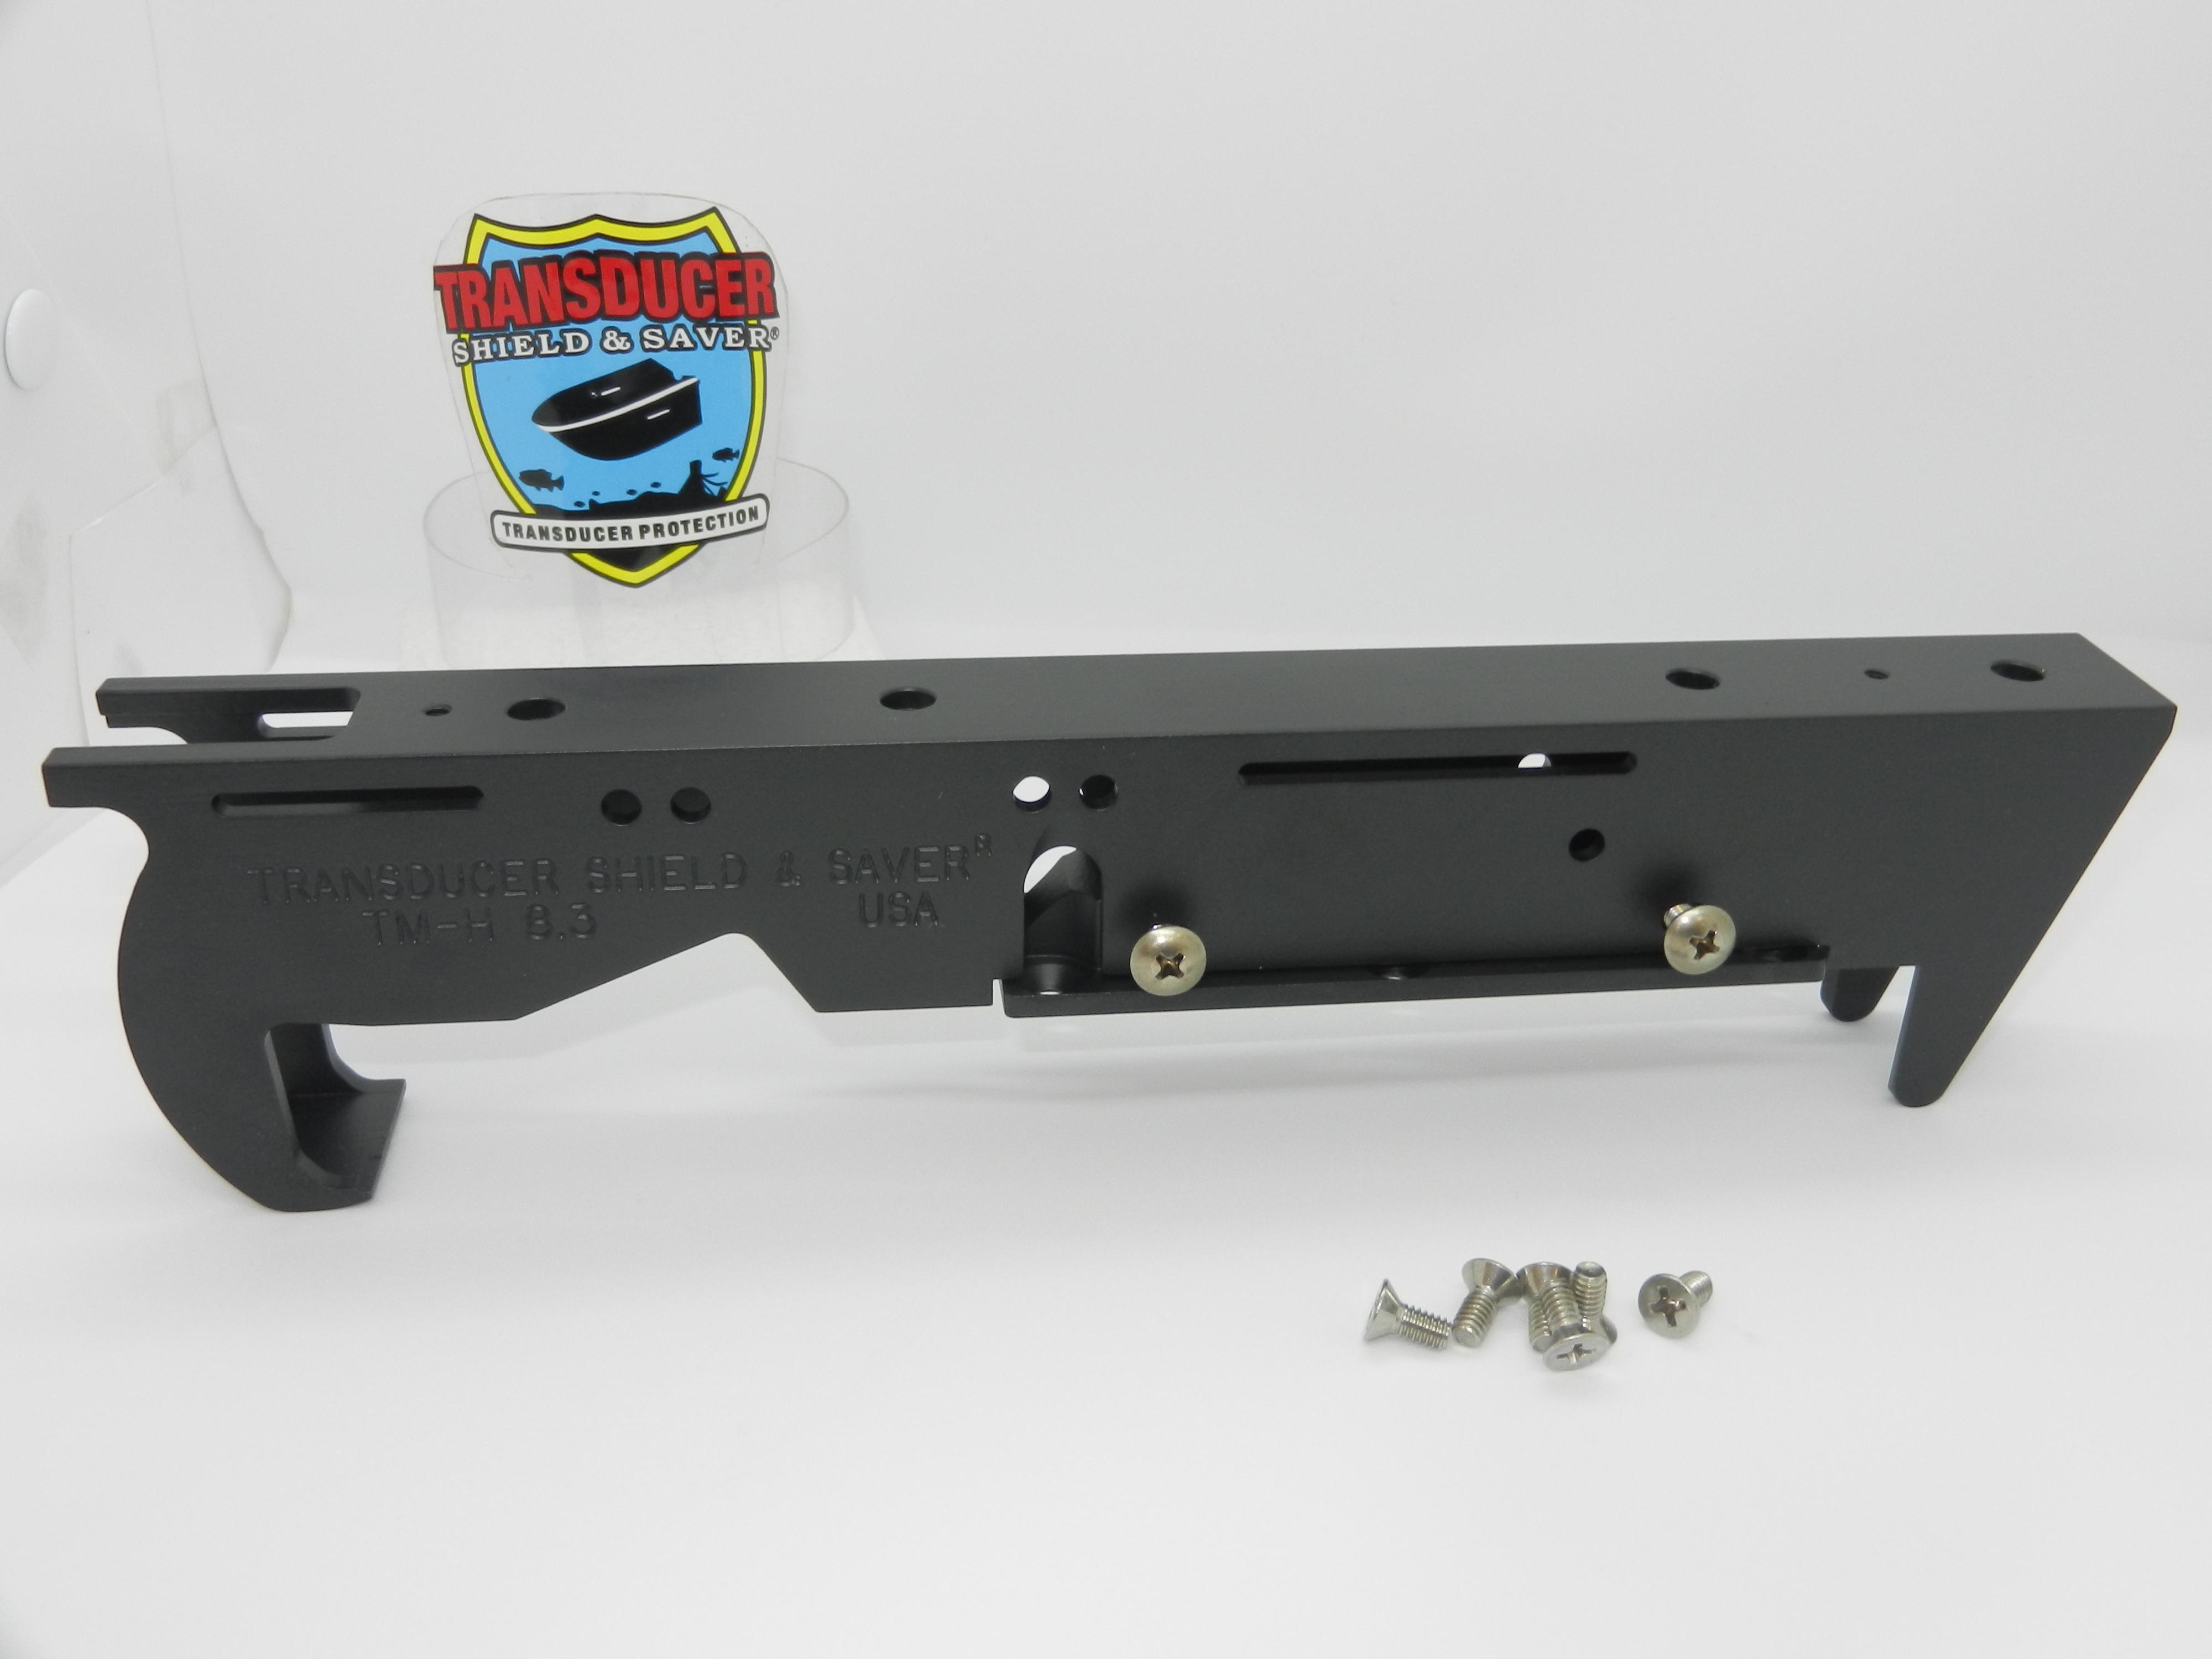 TM-H-8 3 fits Humminbird® Solix Mega G2N Si Transducer XM 14 HW MSI T or  Humminbird® Helix Mega G3N Si Transducer XM 9 HW MSI T